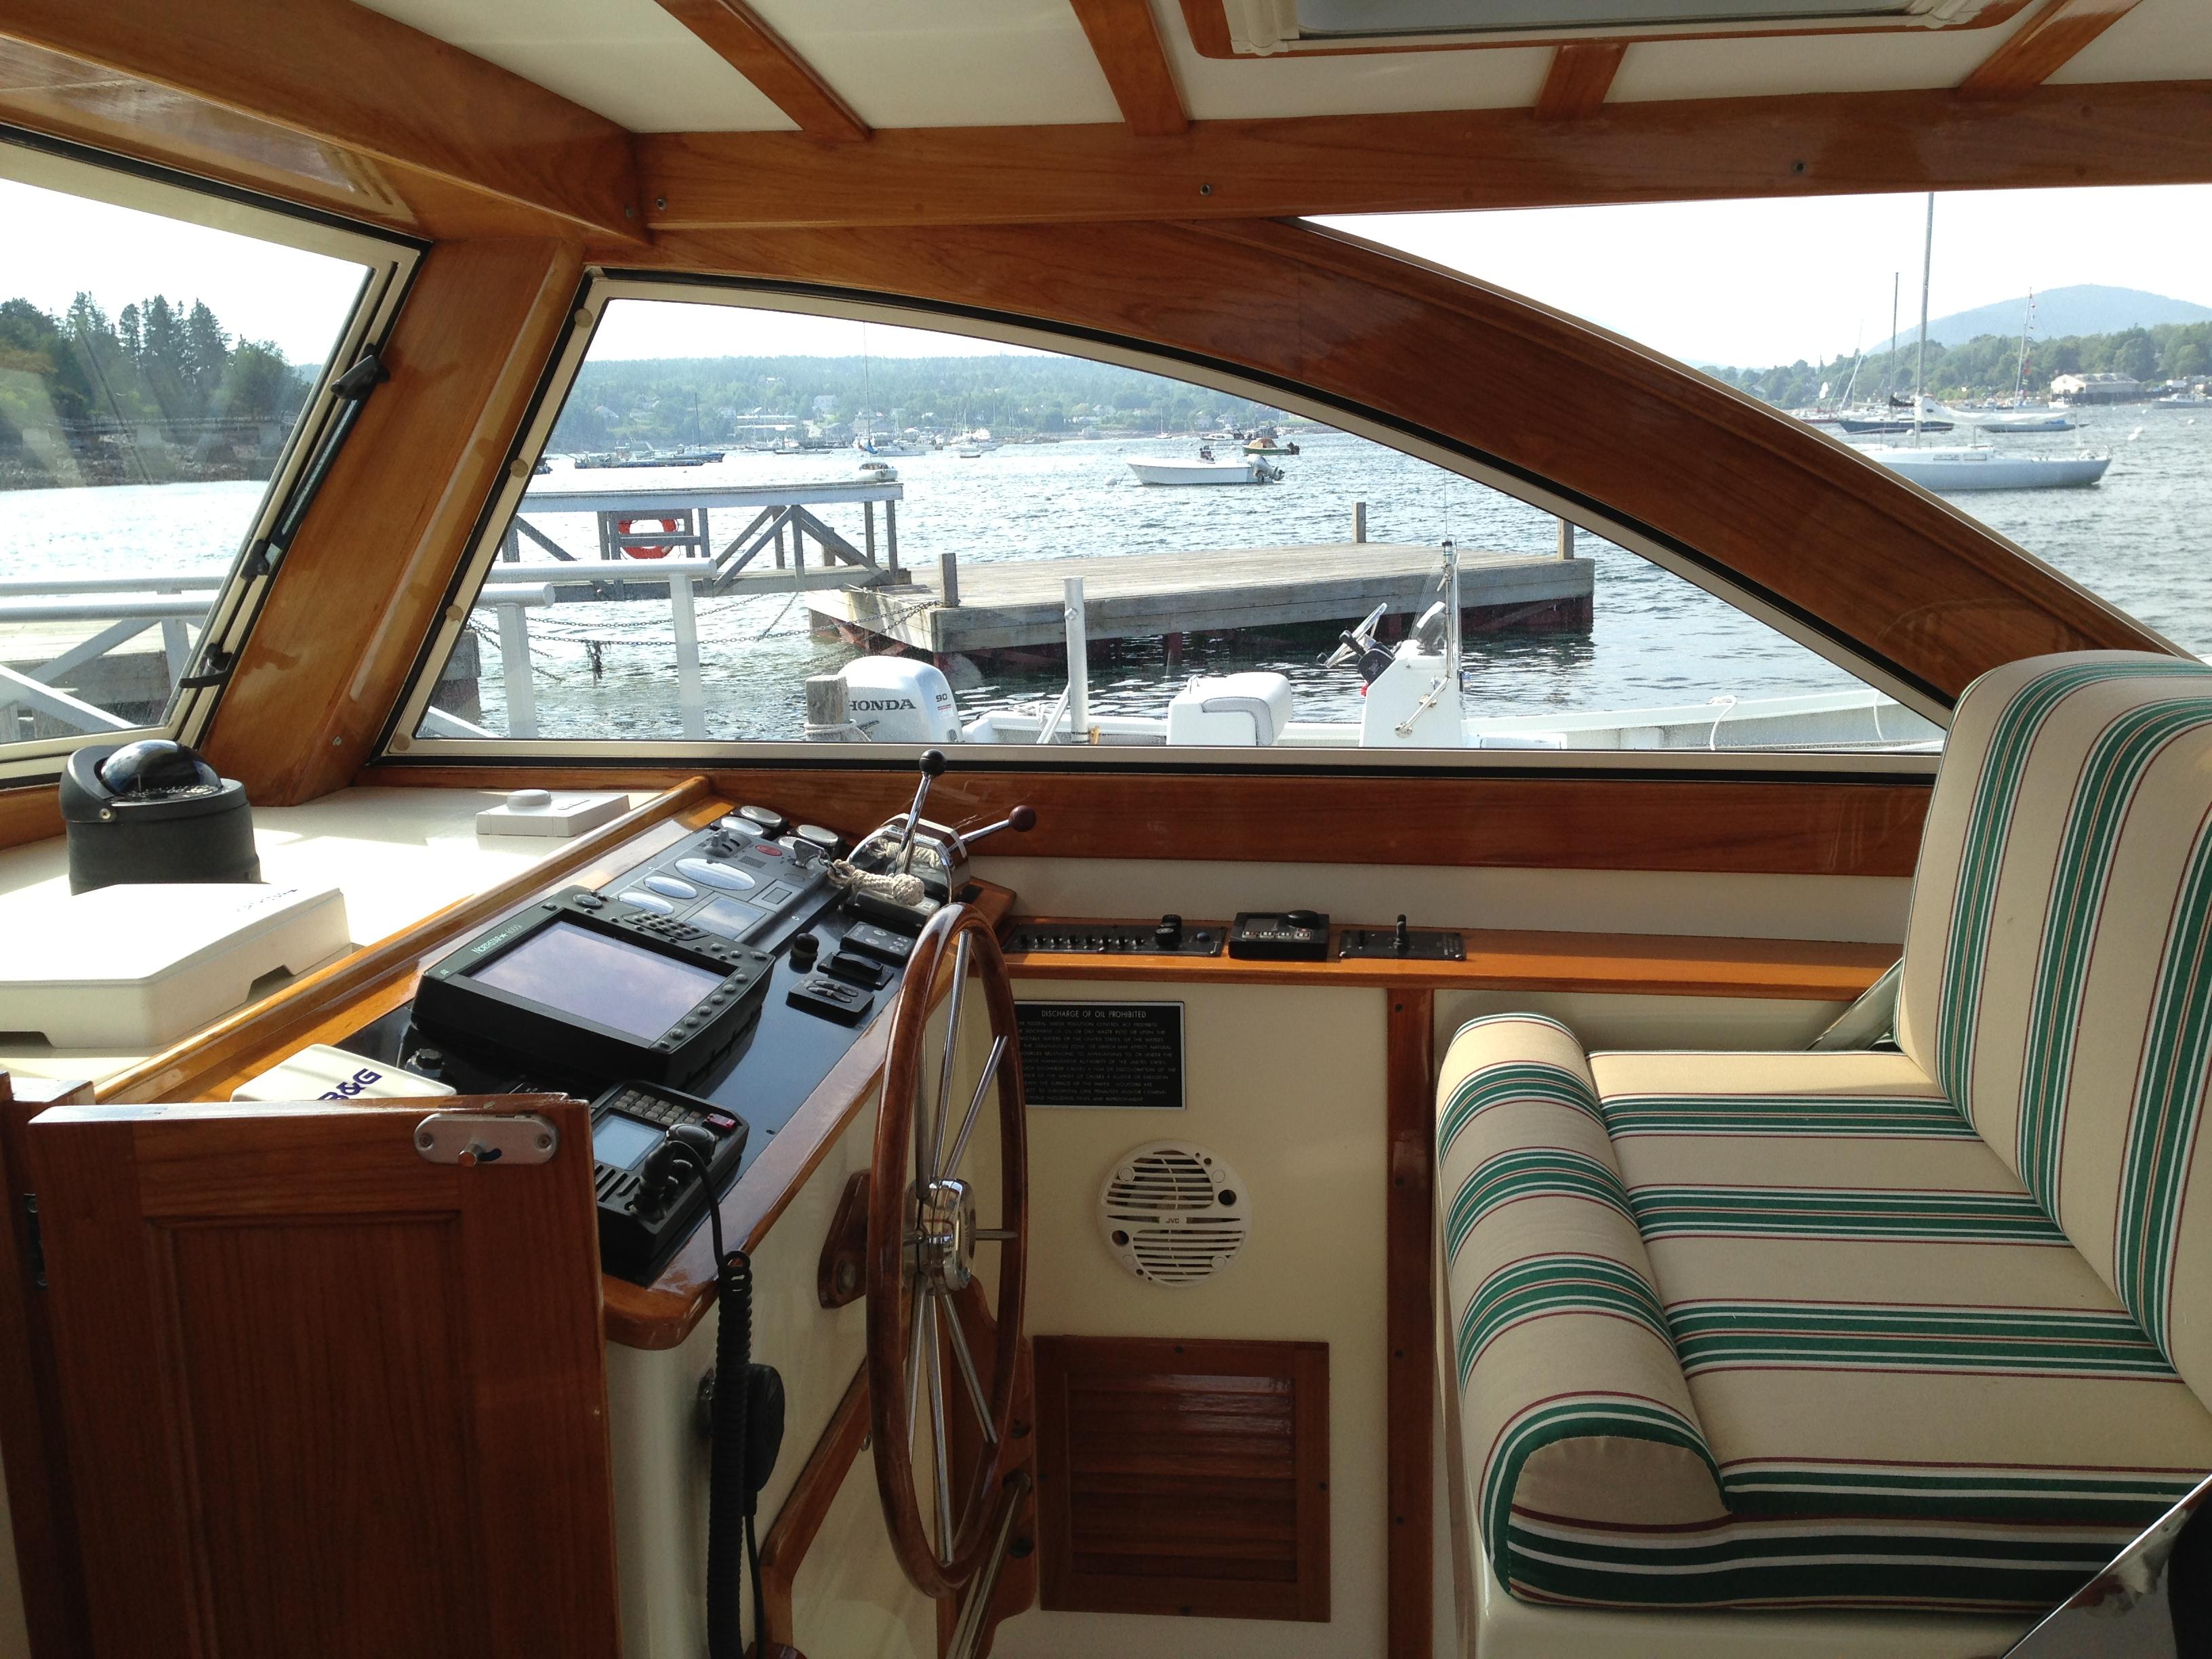 2004 Ellis 36 Express Cruiser Helm - Boat for sale